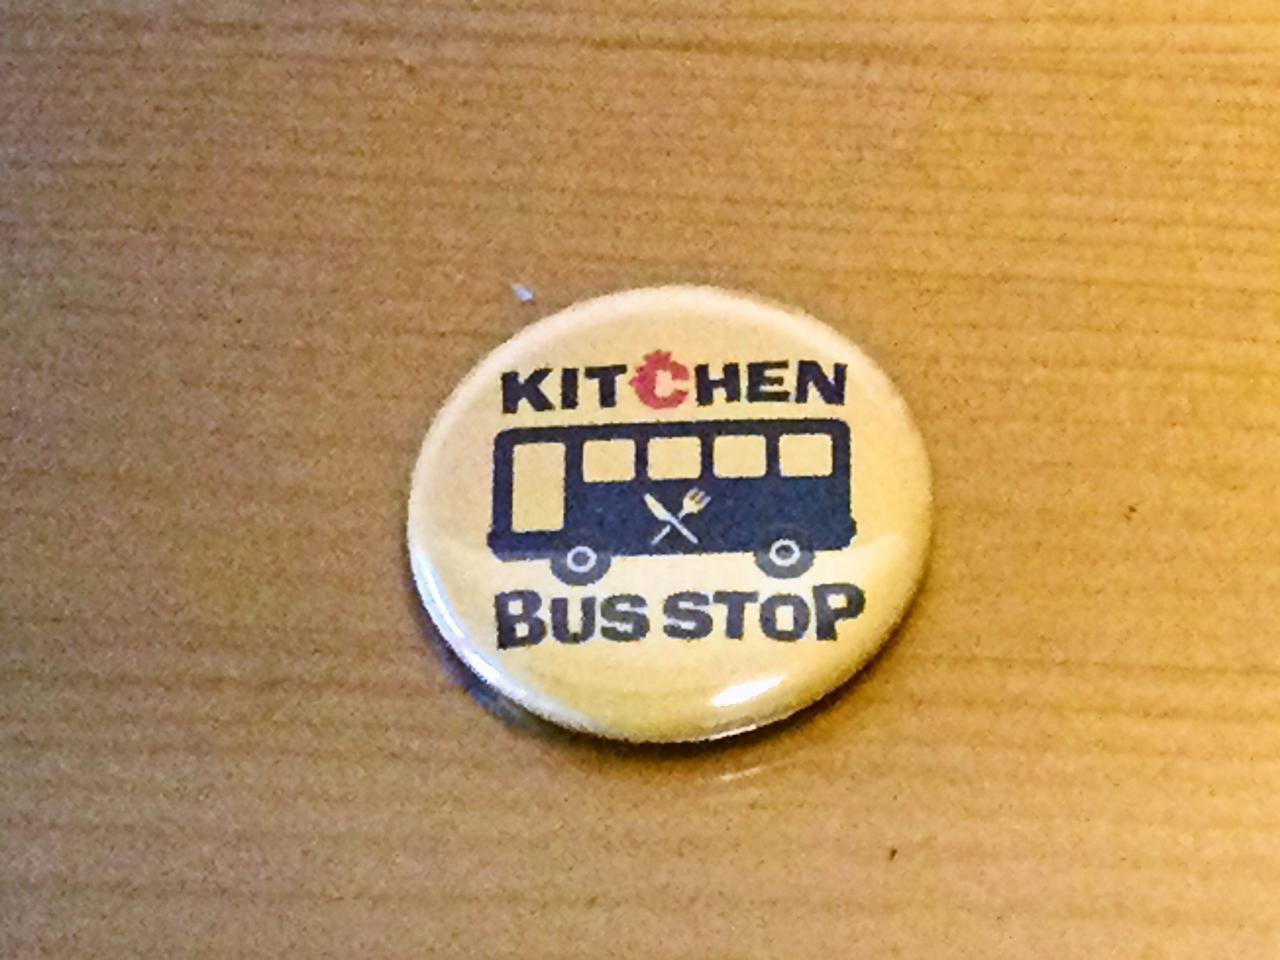 キッチン BUS STOP(缶バッチ)